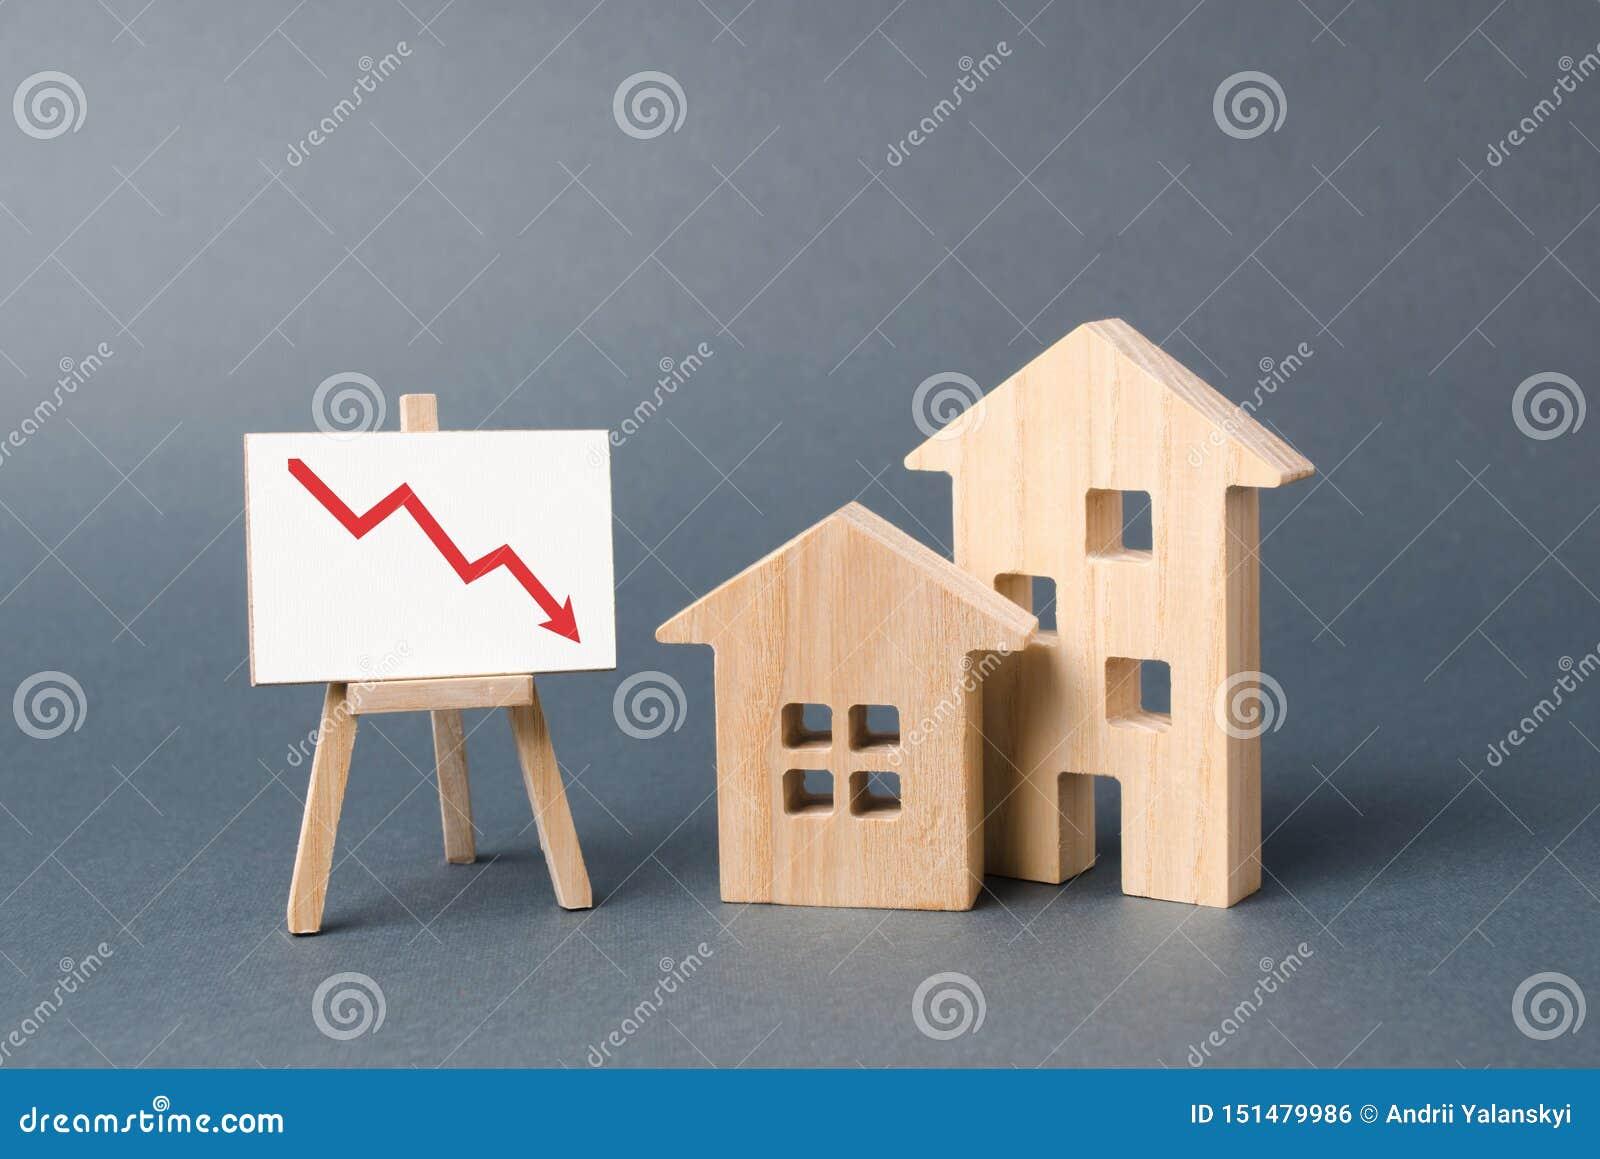 Twee blokhuizen en een affiche met een symbool van dalende waarde concept de daling van de onroerende goederenwaarde lage vloeiba